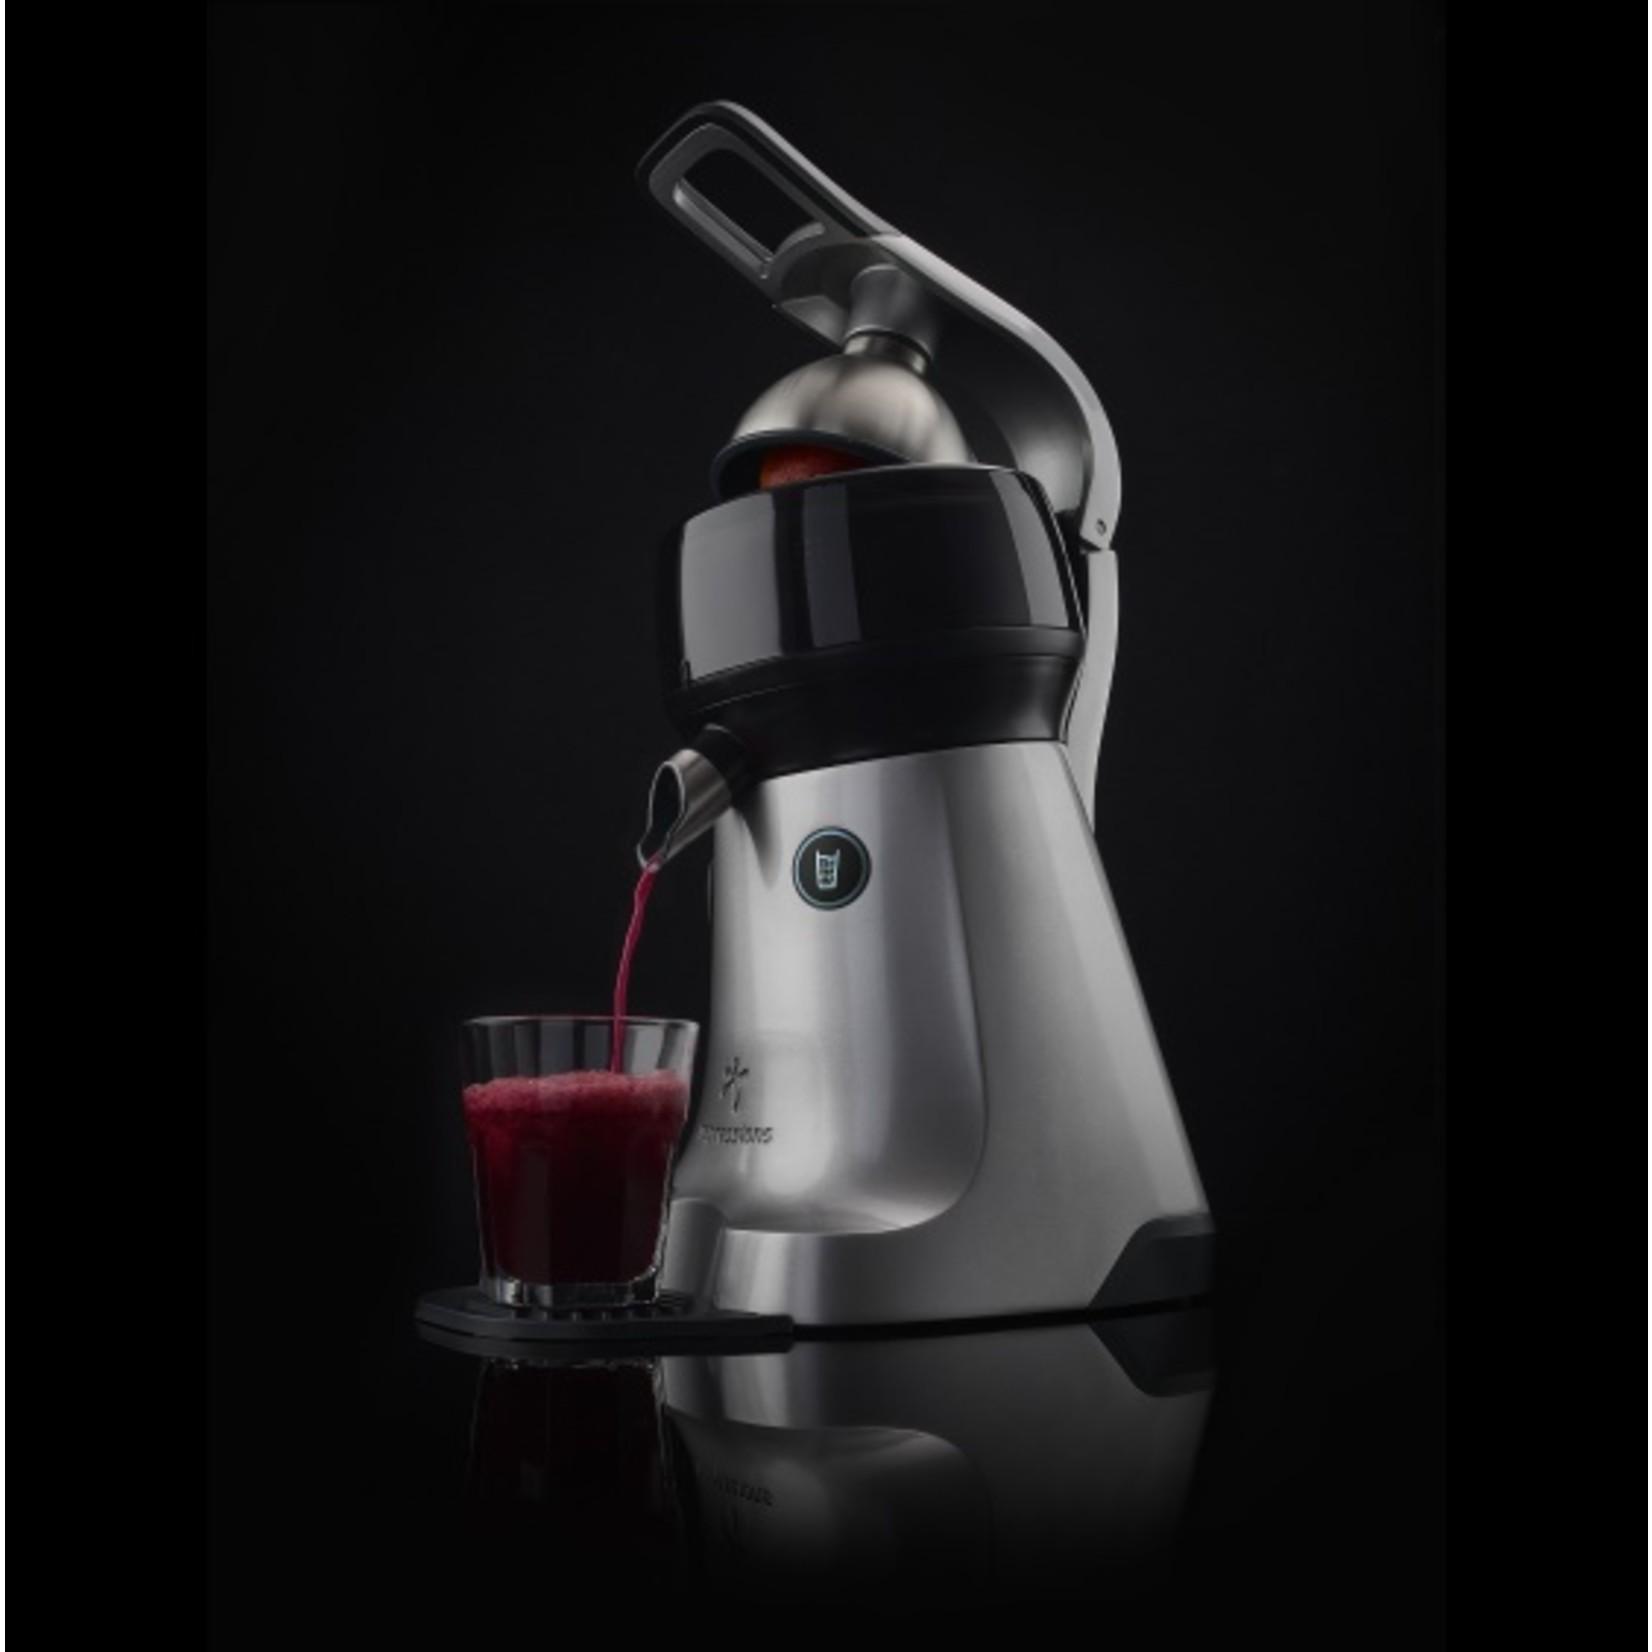 Espressions Espressions The Juicer Citruspers EP7000 - RVS